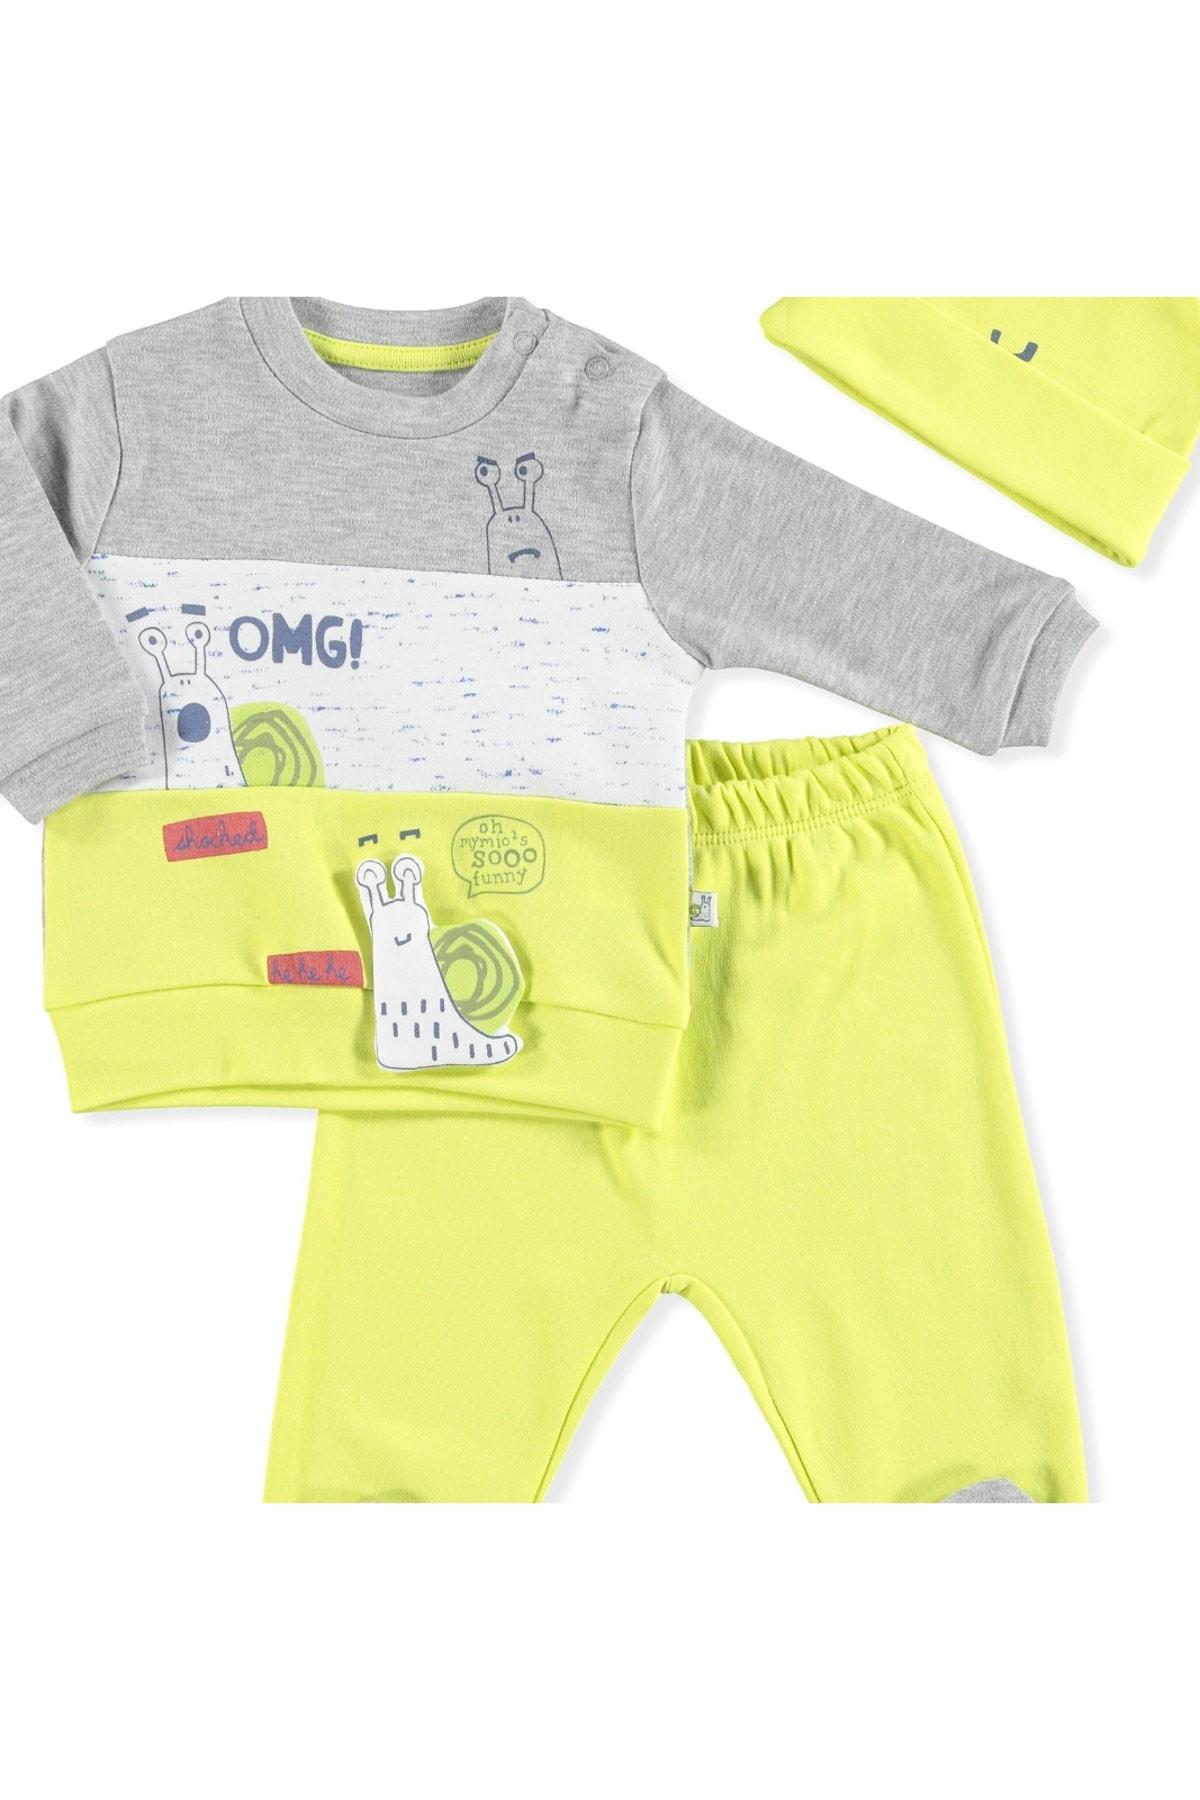 Mymio Erkek Bebek Sarı Şapkalı 3lü Takım 2